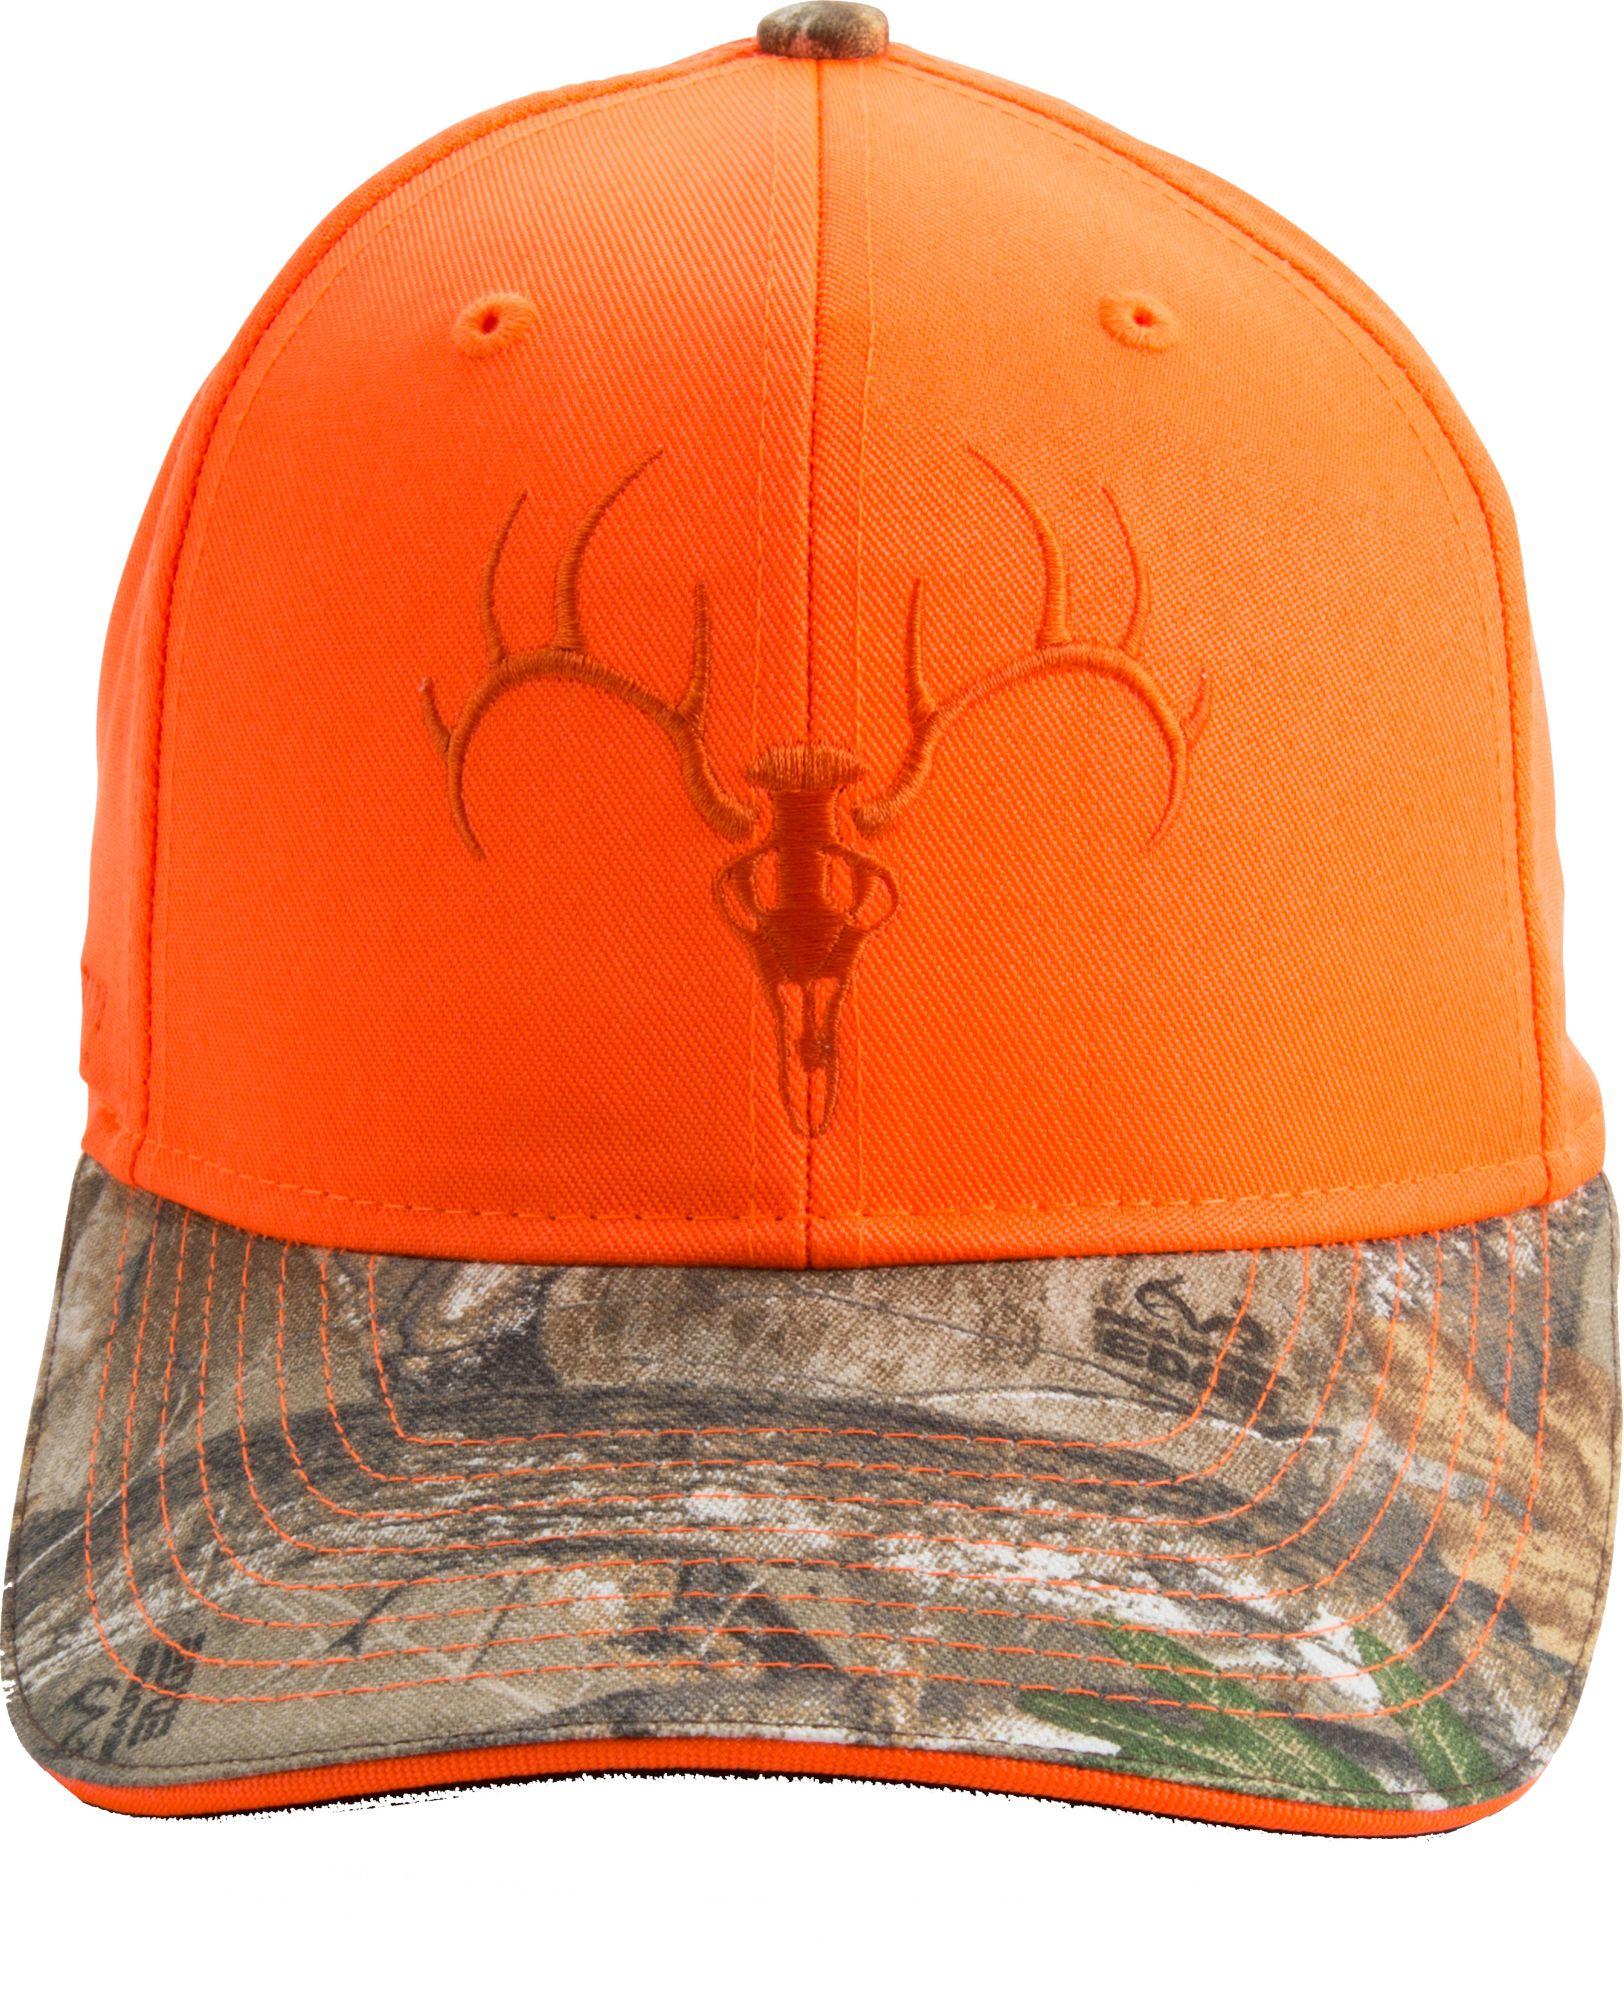 Field & Stream Men's Blaze Embroidered Skull Hat, Size: One size, Orange